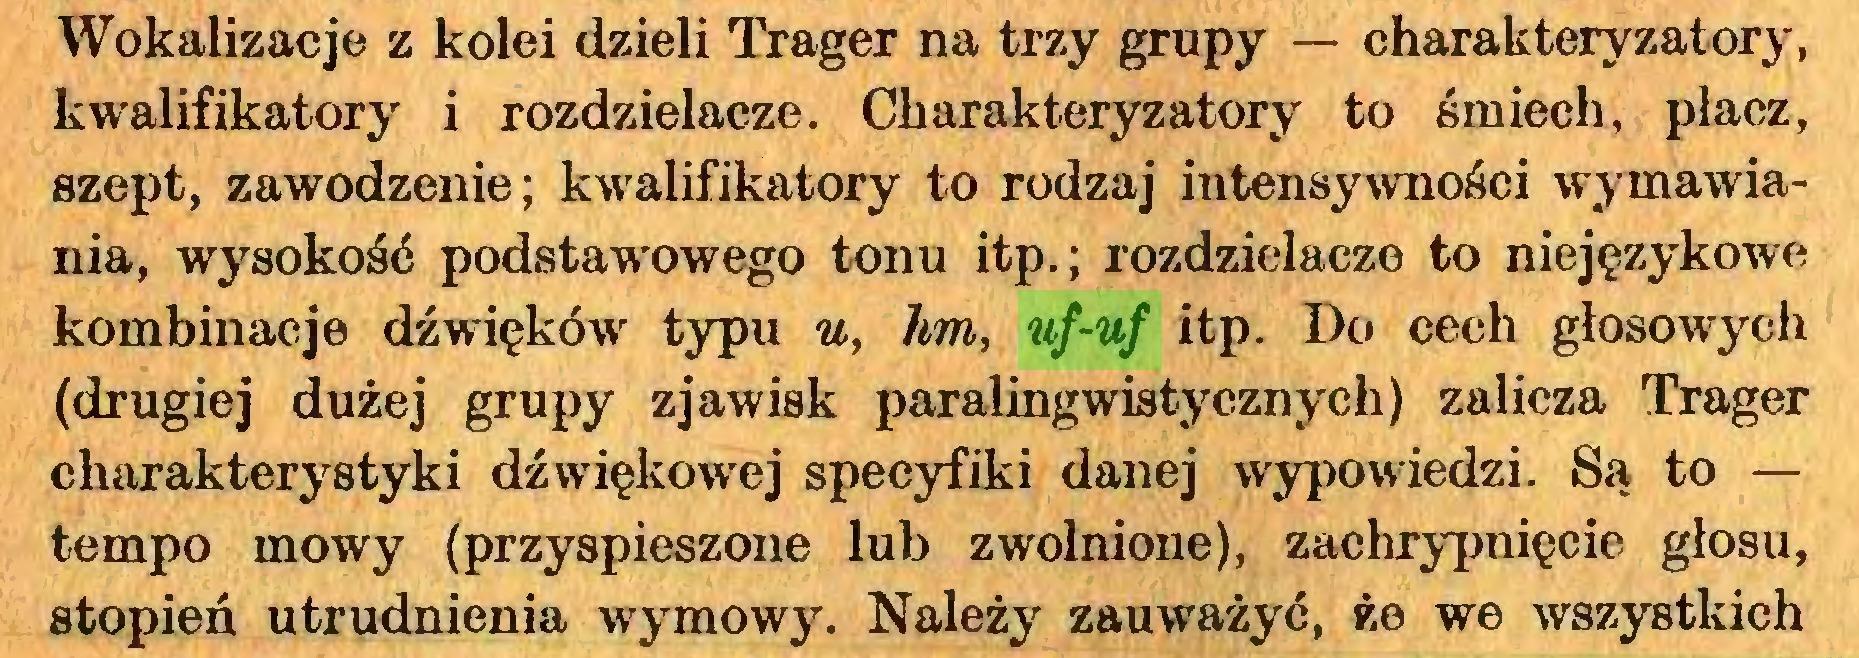 (...) Wokalizacje z kolei dzieli Träger na trzy grupy — charakteryzatory, kwalifikatory i rozdzielacze. Charakteryzatory to śmiech, płacz, szept, zawodzenie; kwalifikatory to rodzaj intensywności wymawiania, wysokość podstawowego tonu itp.; rozdzielacze to niejęzykowe kombinacje dźwięków typu u, hm, uf-uf itp. Do cech głosowych (drugiej dużej grupy zjawisk paralingwistycznych) zalicza Träger charakterystyki dźwiękowej specyfiki danej wypowiedzi. Są to — tempo mowy (przyspieszone lub zwolnione), zachrypnięcie głosu, stopień utrudnienia wymowy. Należy zauważyć, że we wszystkich...